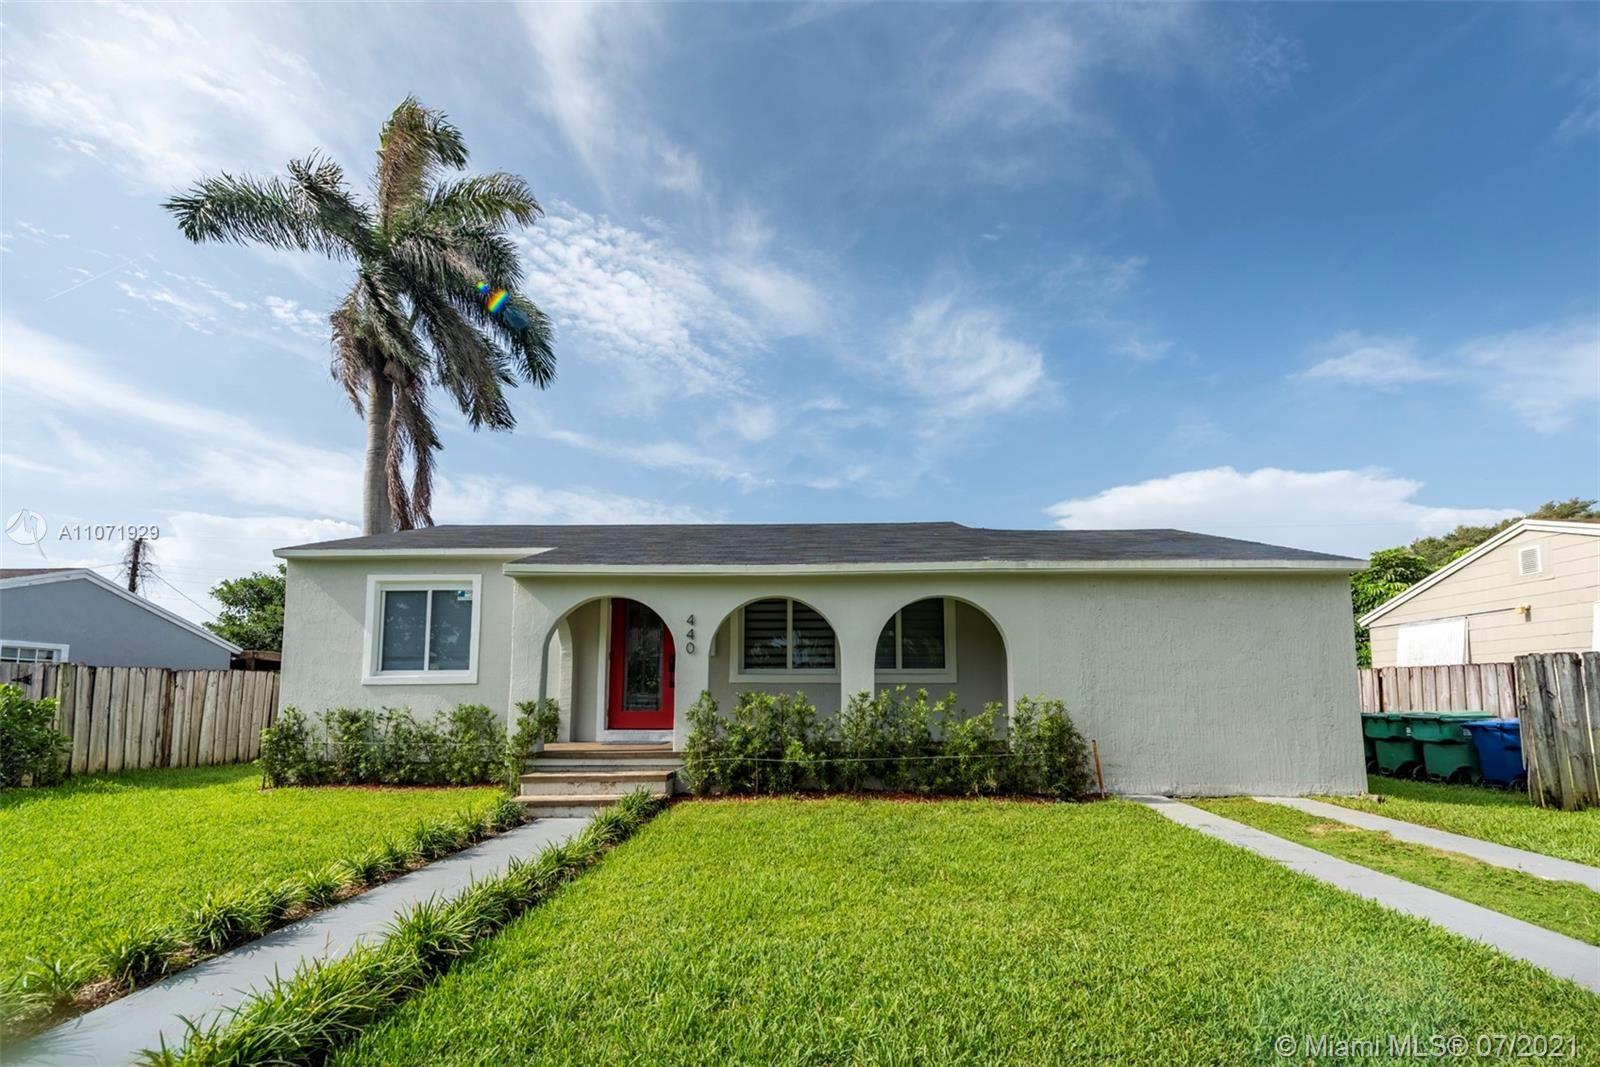 440 NE 110th Ter, Miami, FL 33161 - #: A11071929